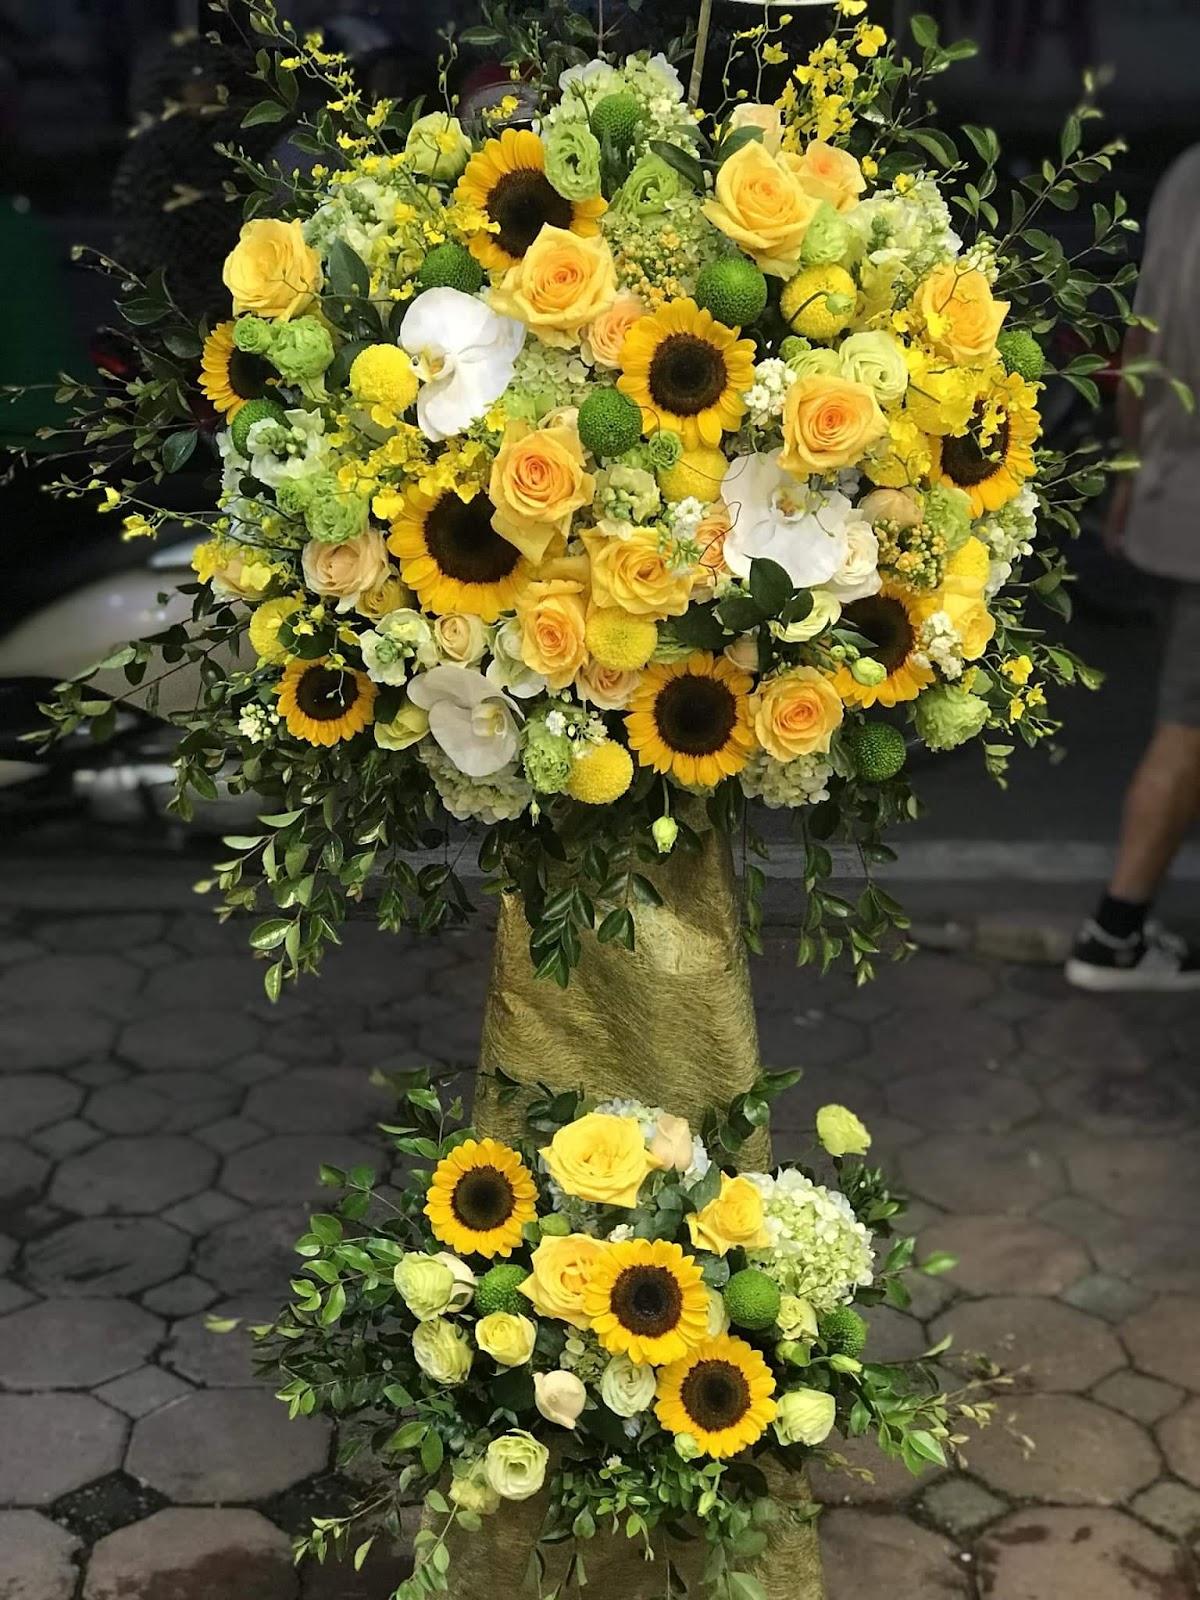 Lẵng hoa khai trương kết hợp nhiều loại hoa màu vàng rực rỡ